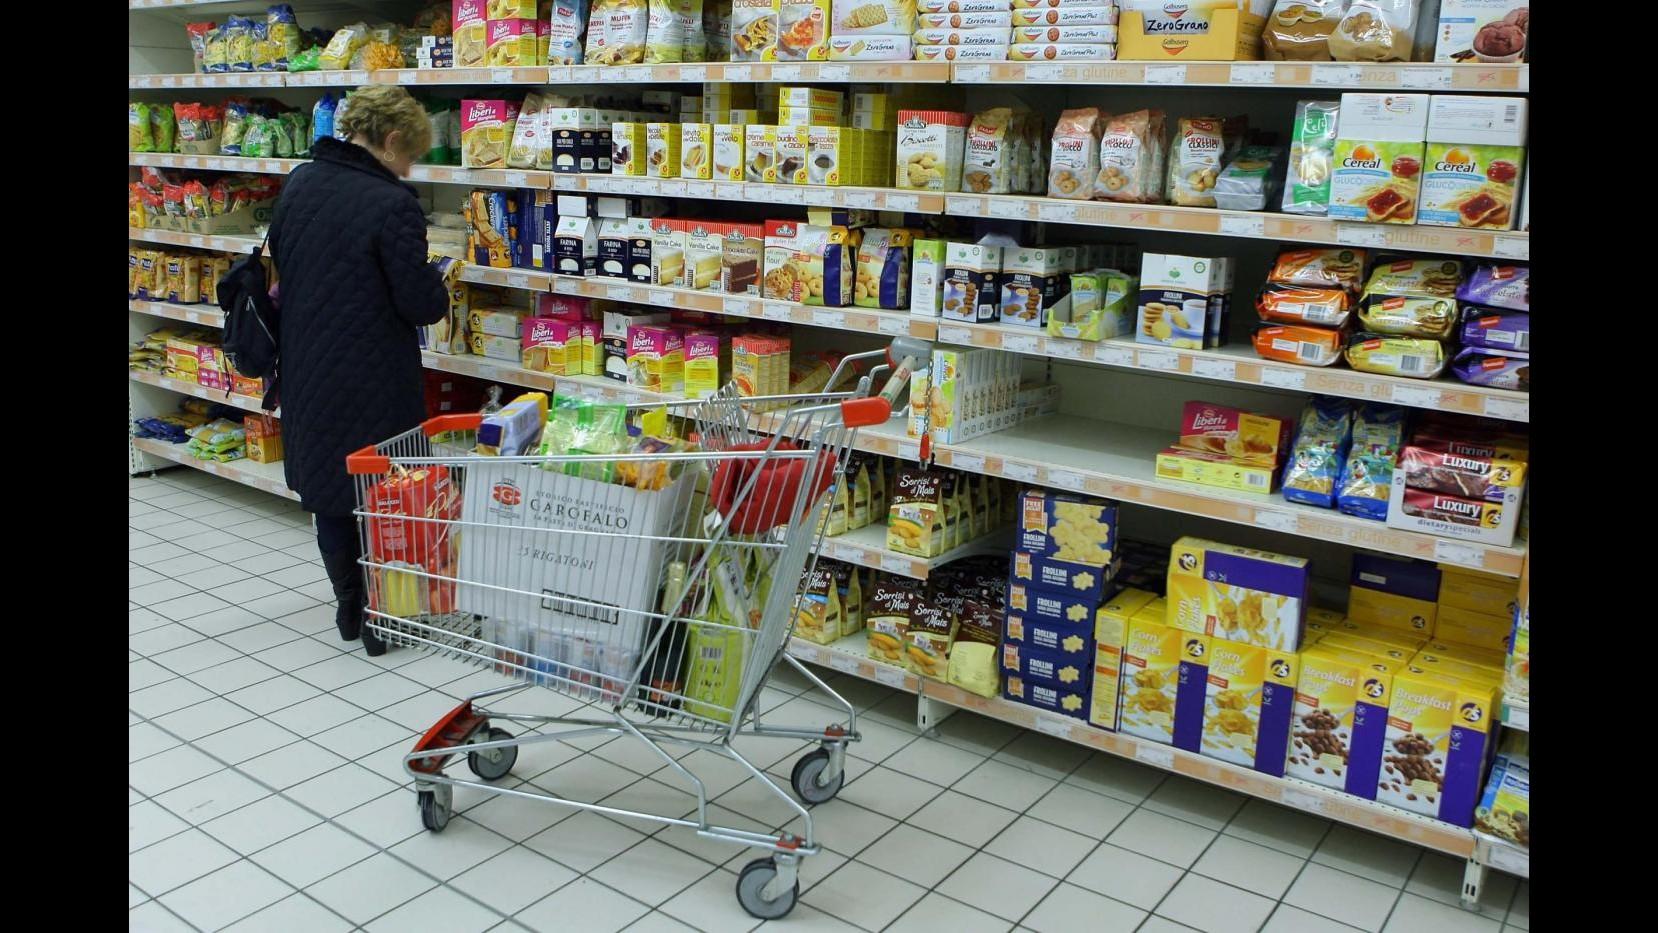 Sciopero supermercati, Pd: Auspichiamo sblocco vertenza per rinnovo contratto